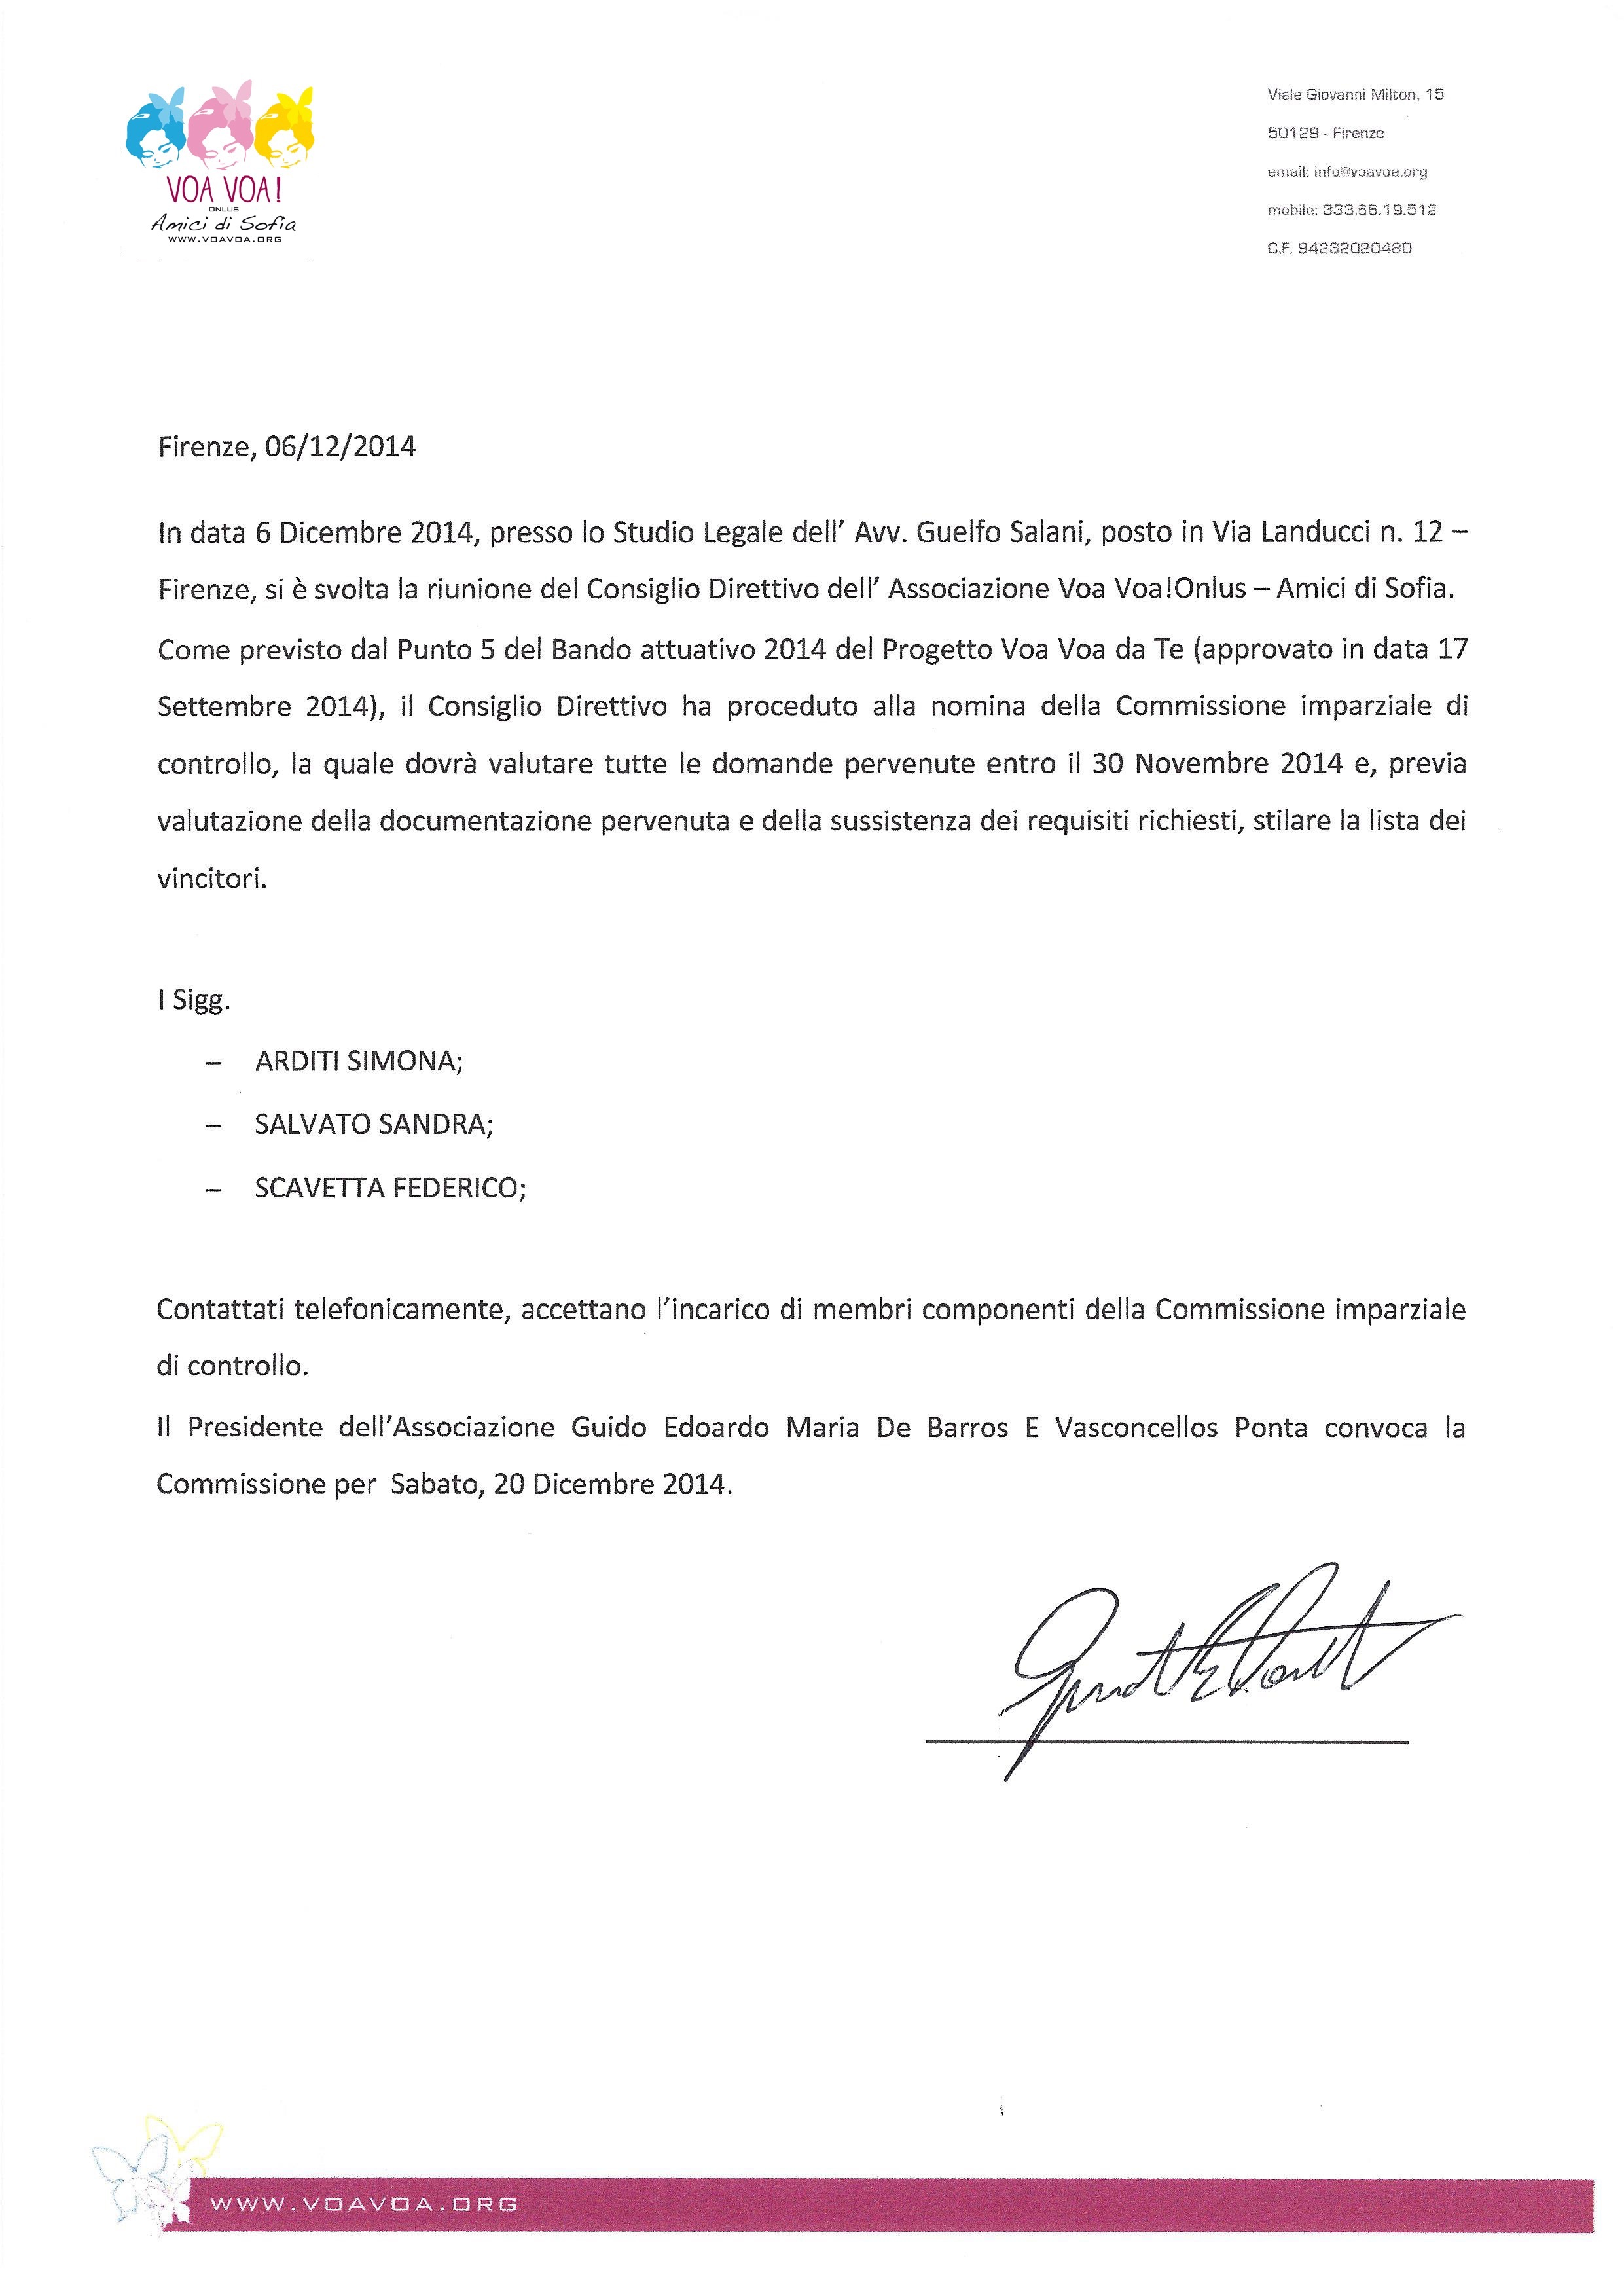 Nomina della Commissione imparziale di controllo 2014